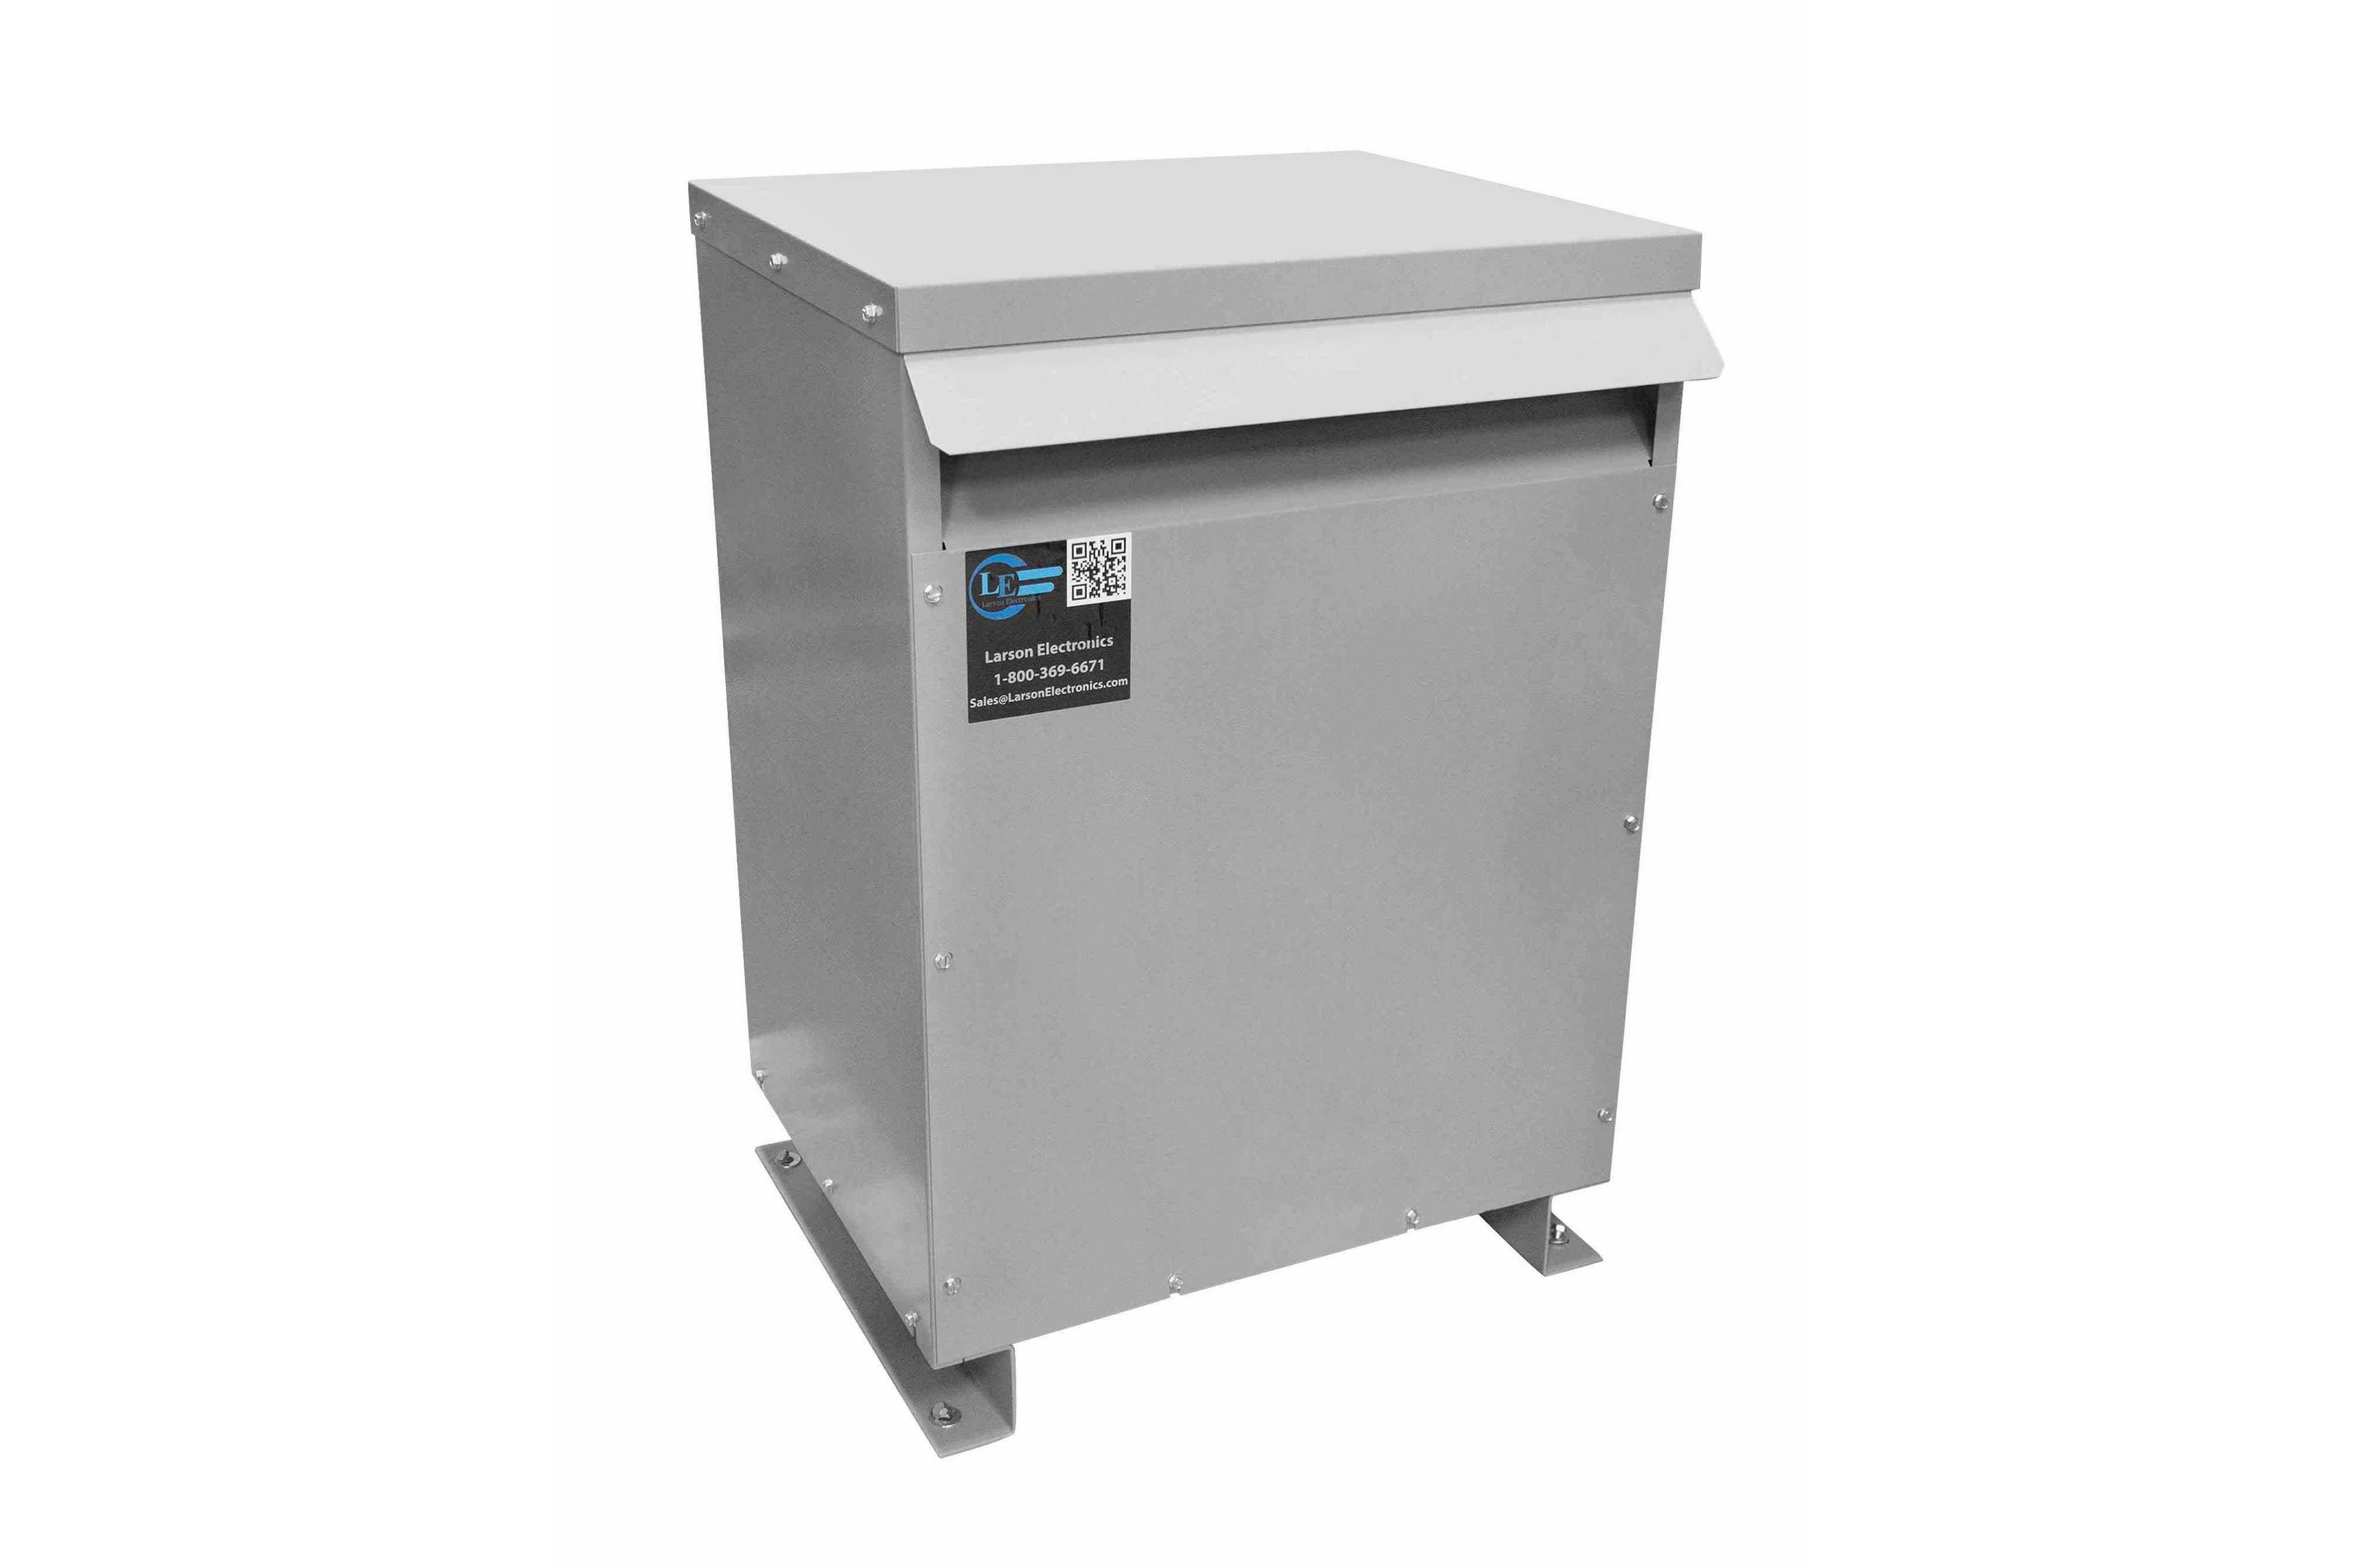 18 kVA 3PH Isolation Transformer, 460V Delta Primary, 240 Delta Secondary, N3R, Ventilated, 60 Hz